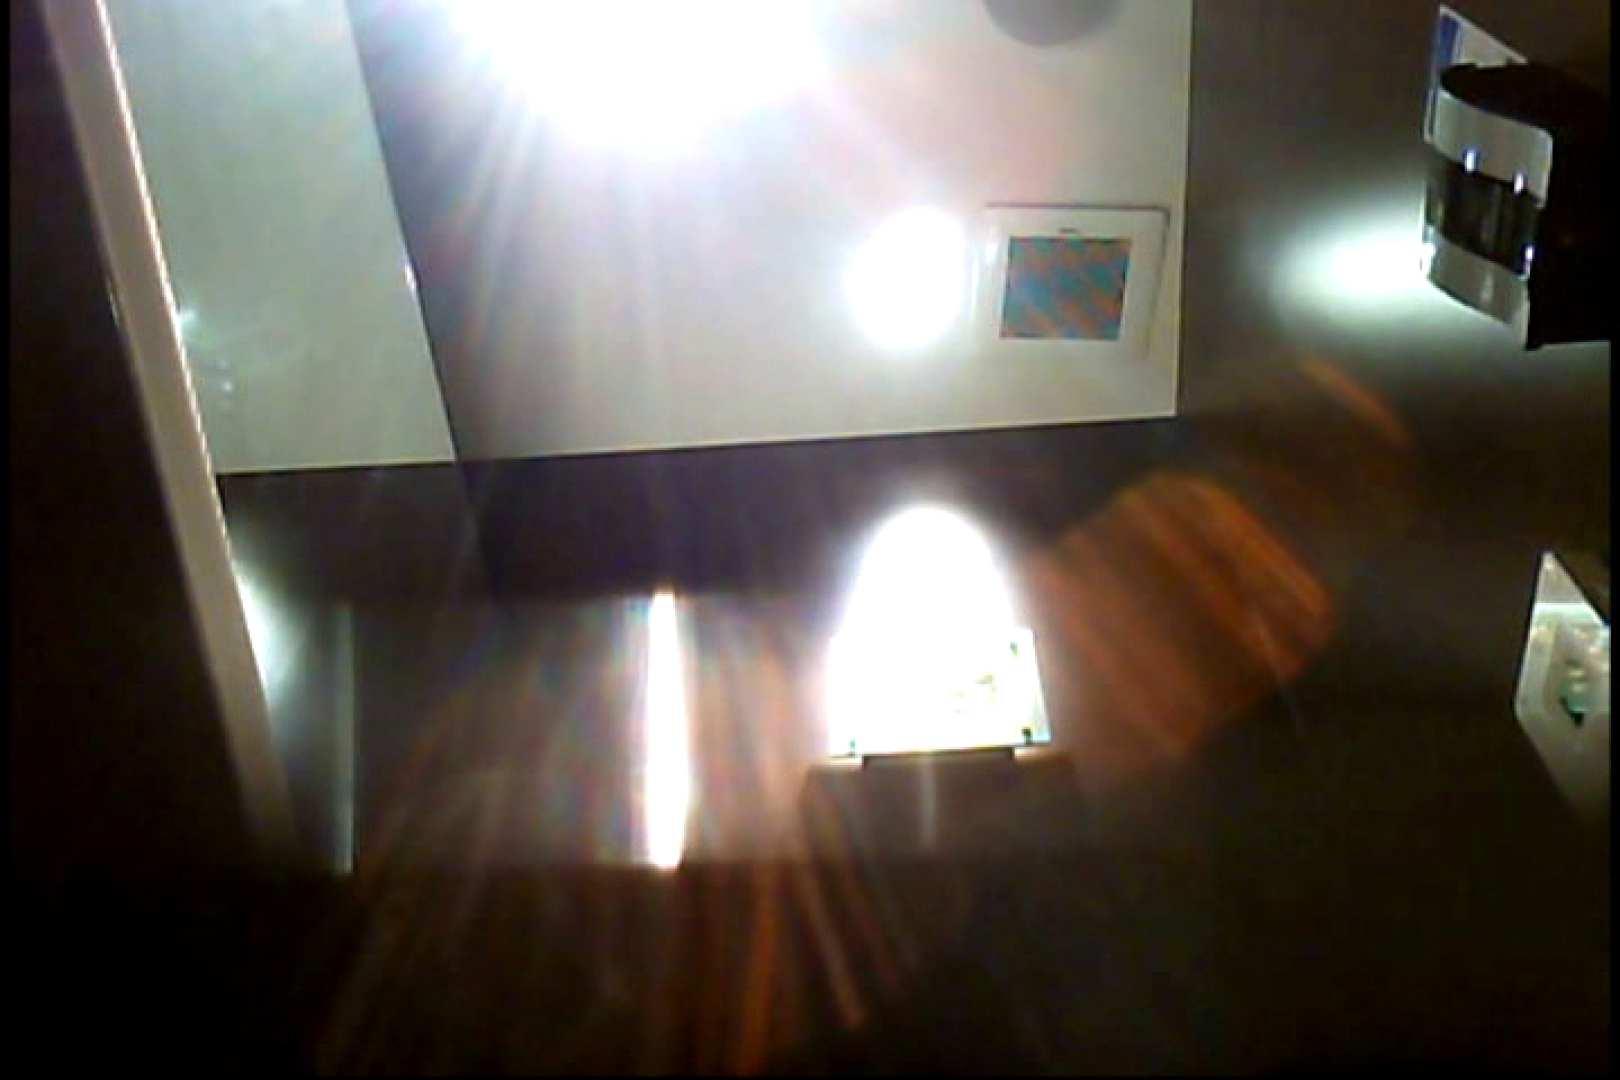 亀さんかわや VIPバージョン! vol.38 厠隠し撮り アダルト動画キャプチャ 107pic 52